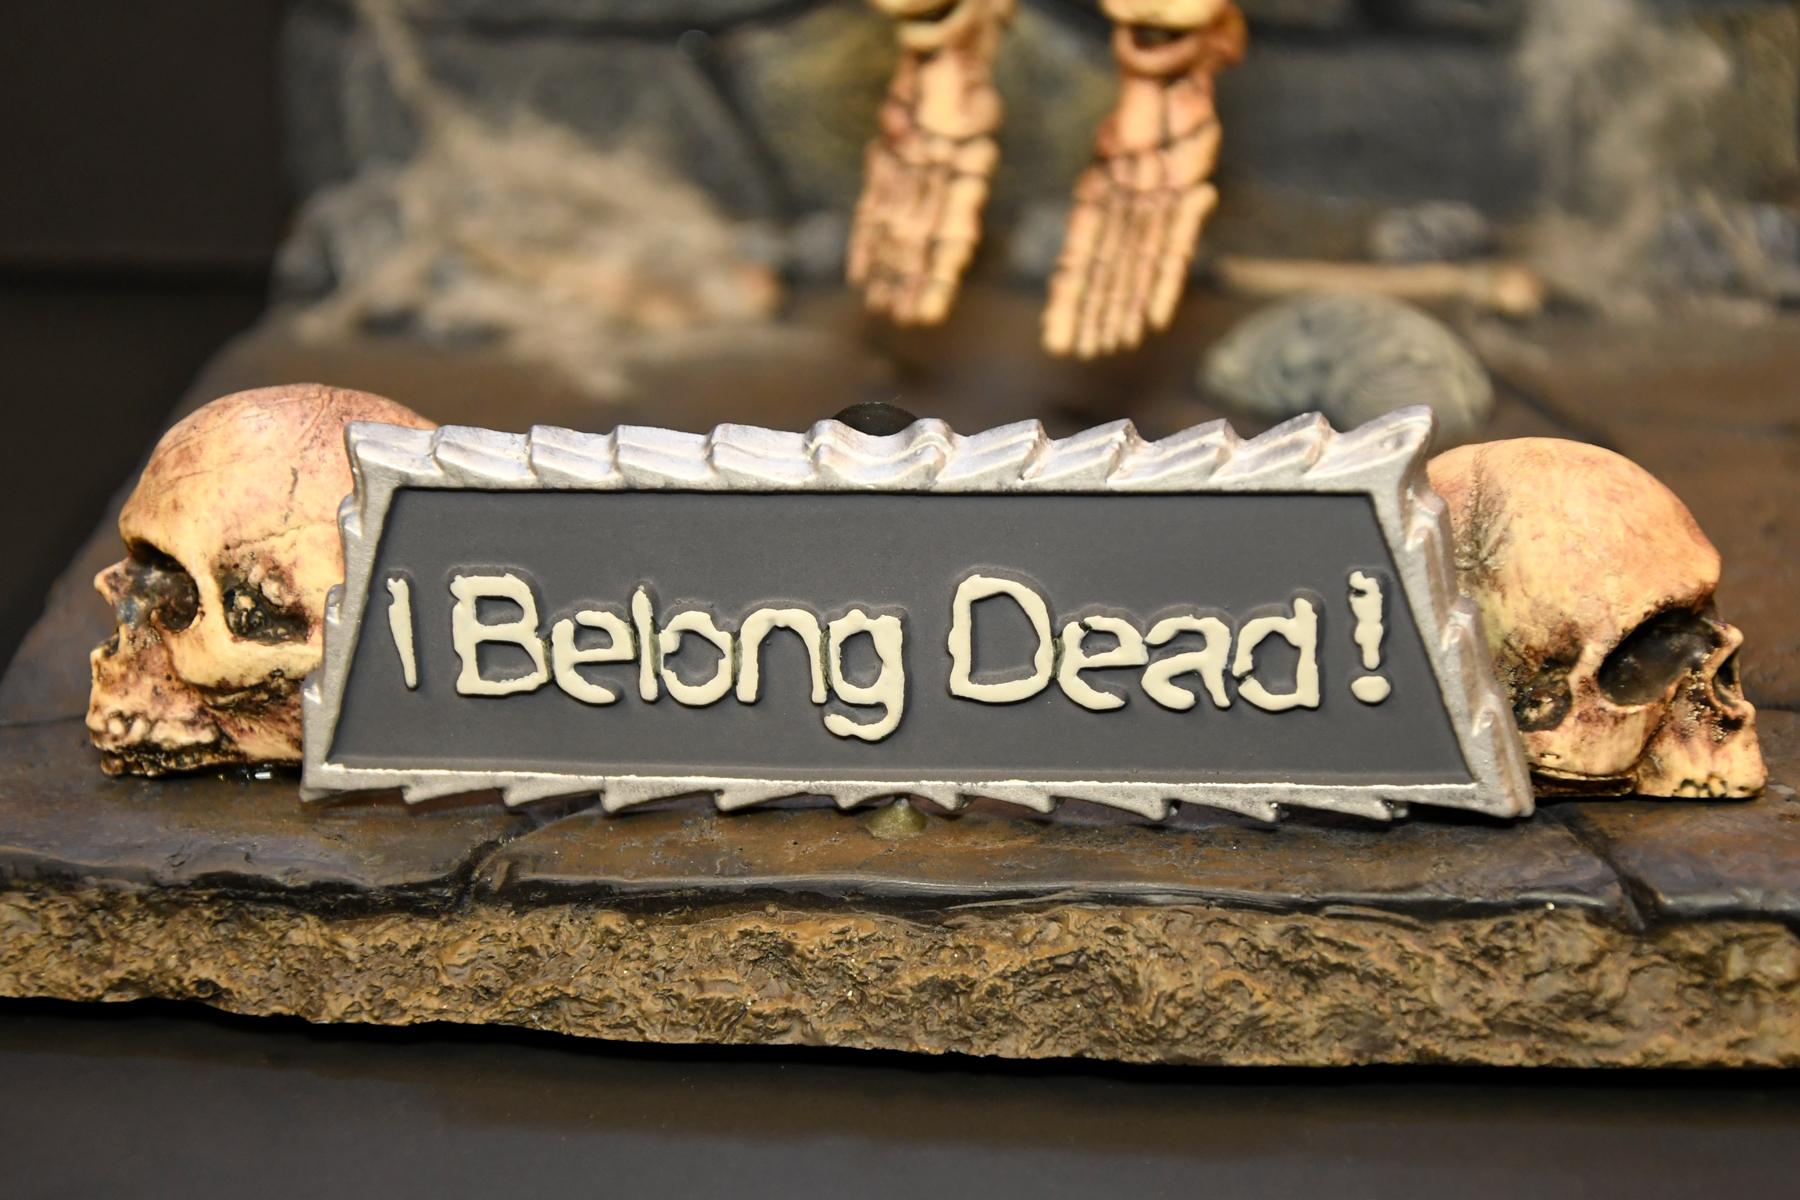 I Belong Dead!